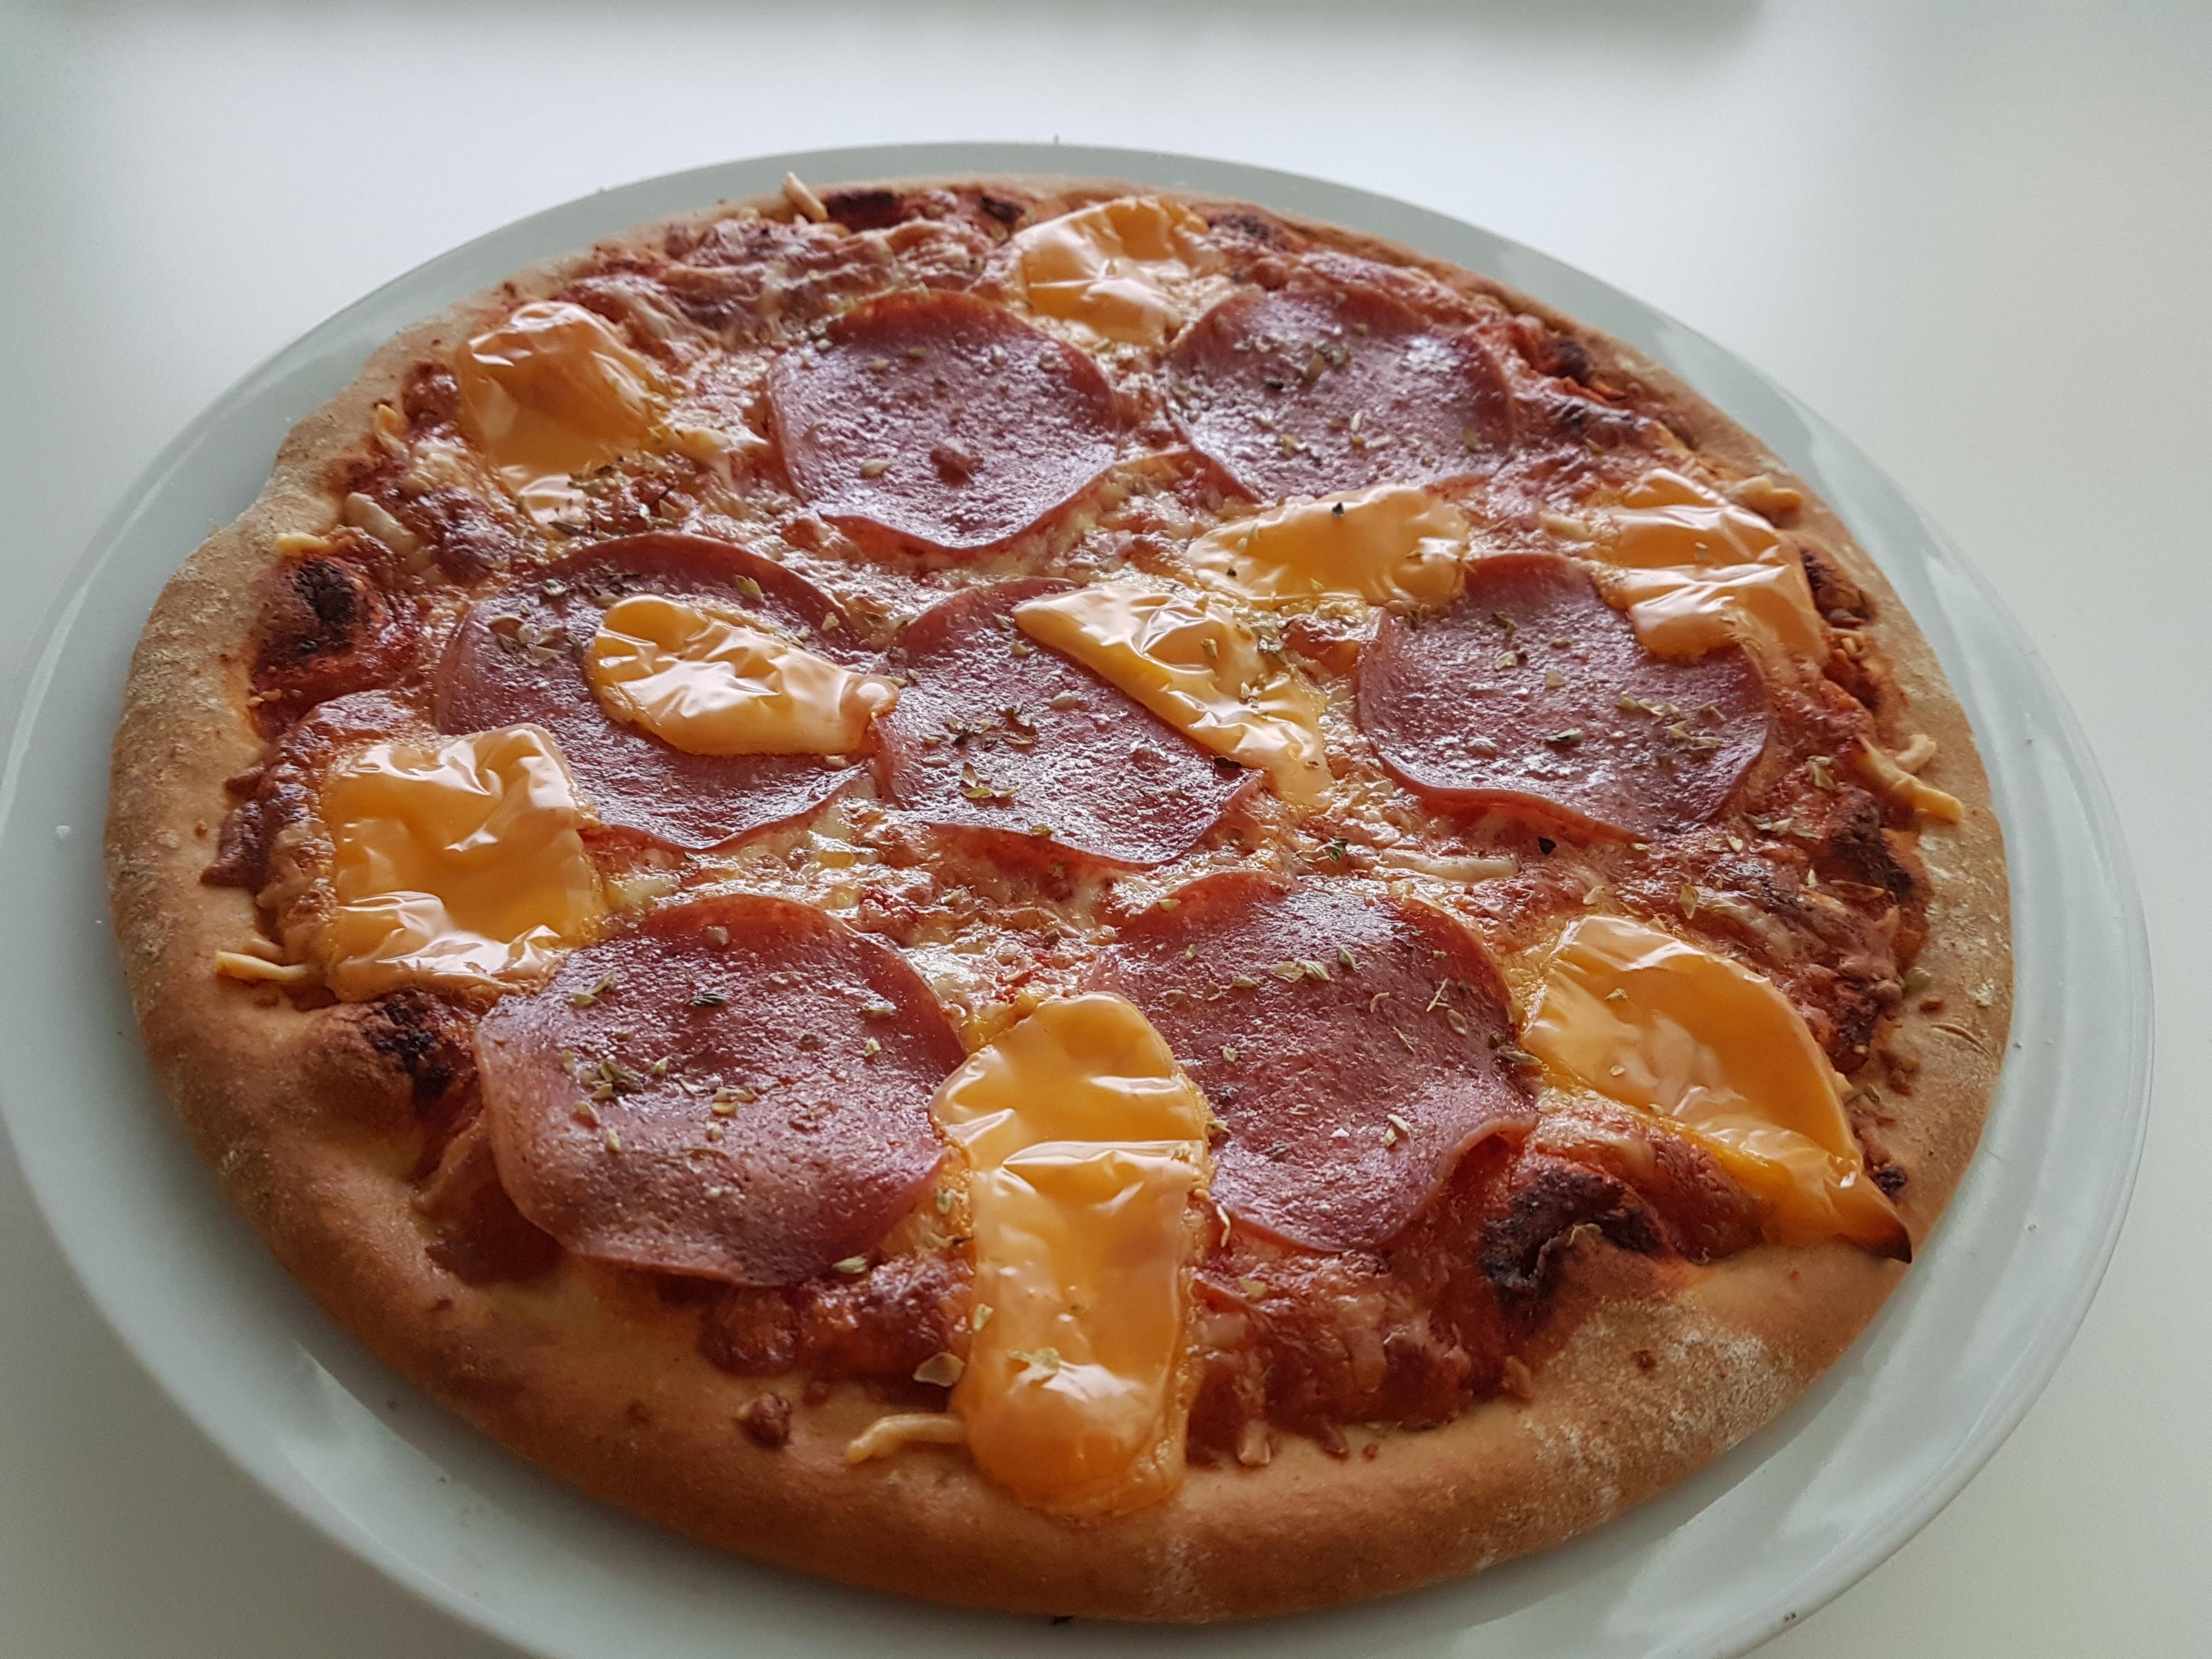 https://foodloader.net/Holz_2018-05-21_Pizza.jpg